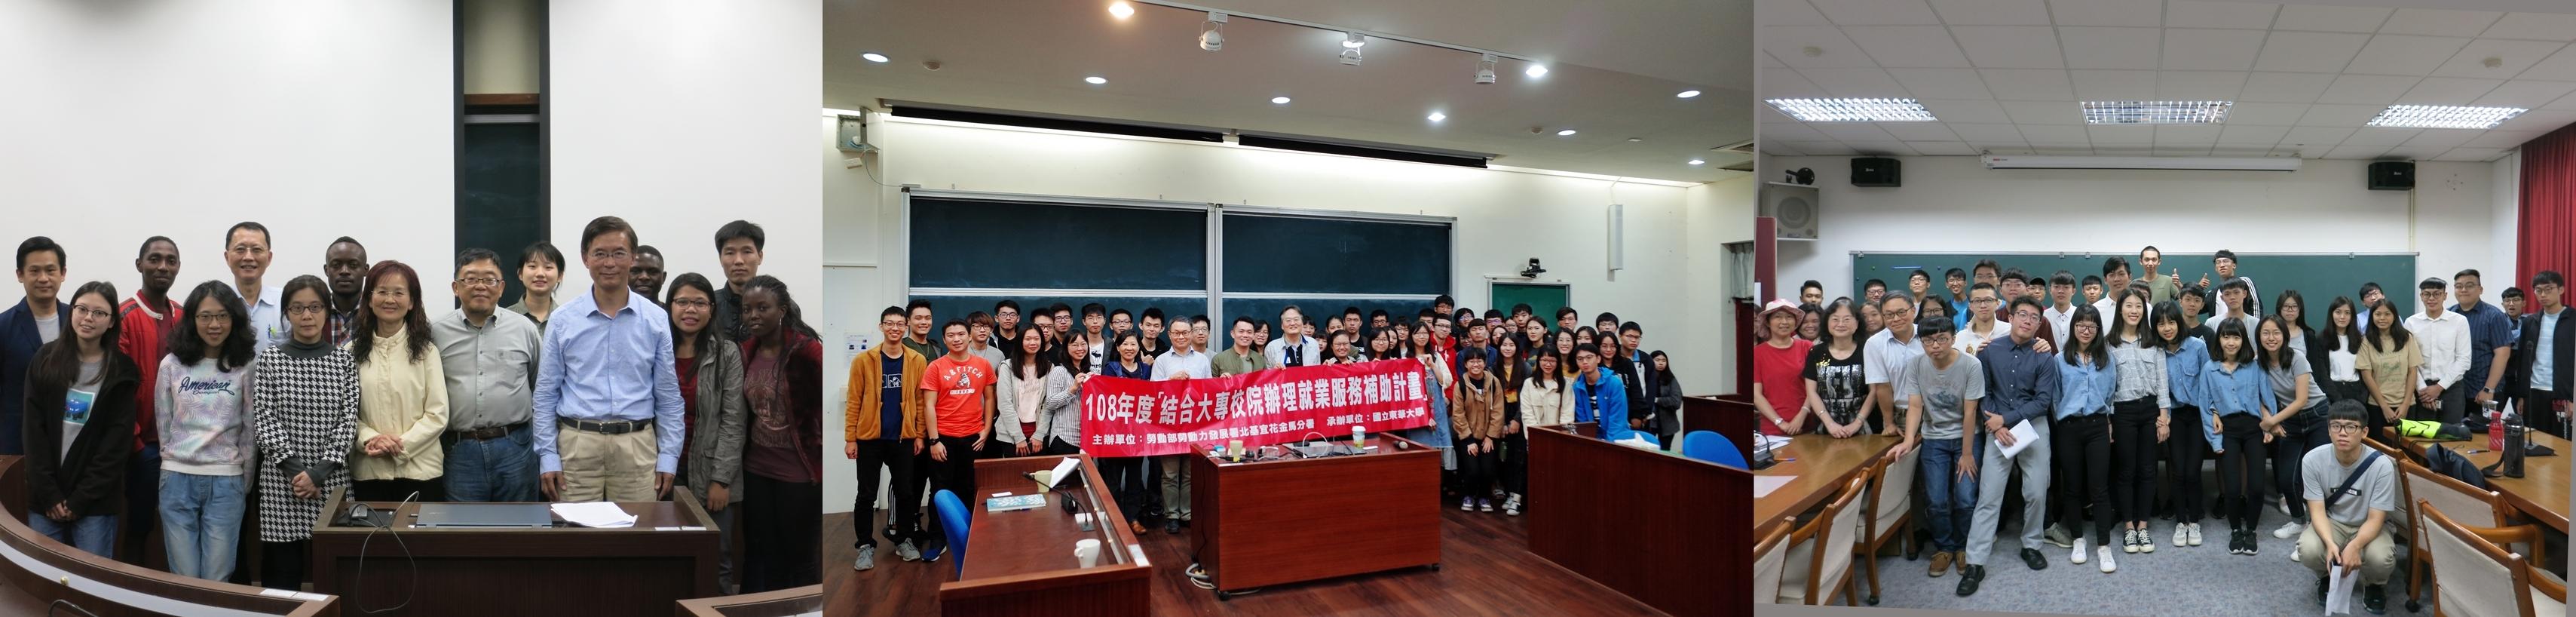 經濟學系107學年度第2學期重點活動